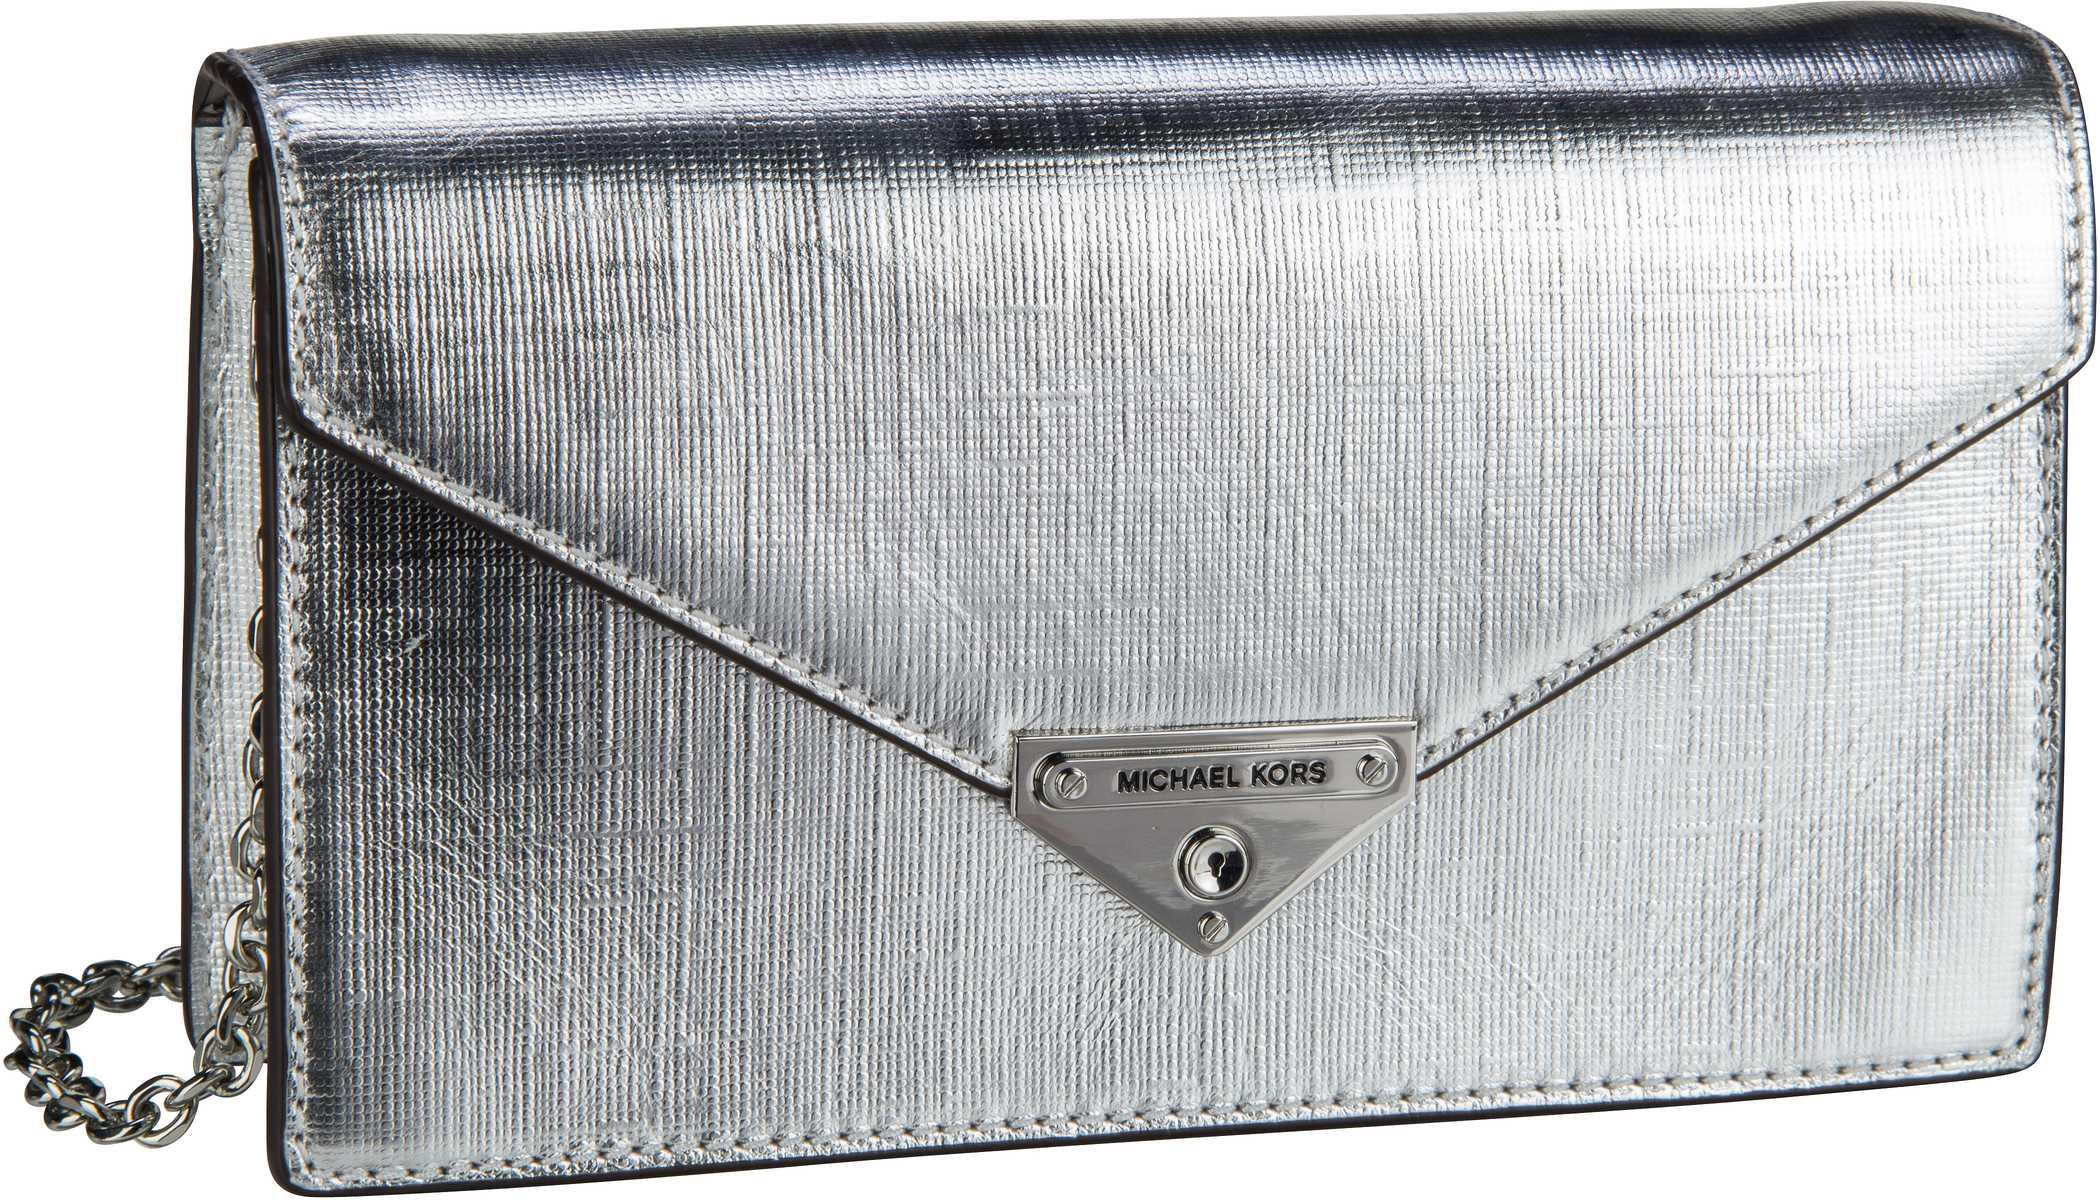 Clutches - Michael Kors Abendtasche Clutch Grace Medium Envelope Clutch Silver  - Onlineshop Taschenkaufhaus